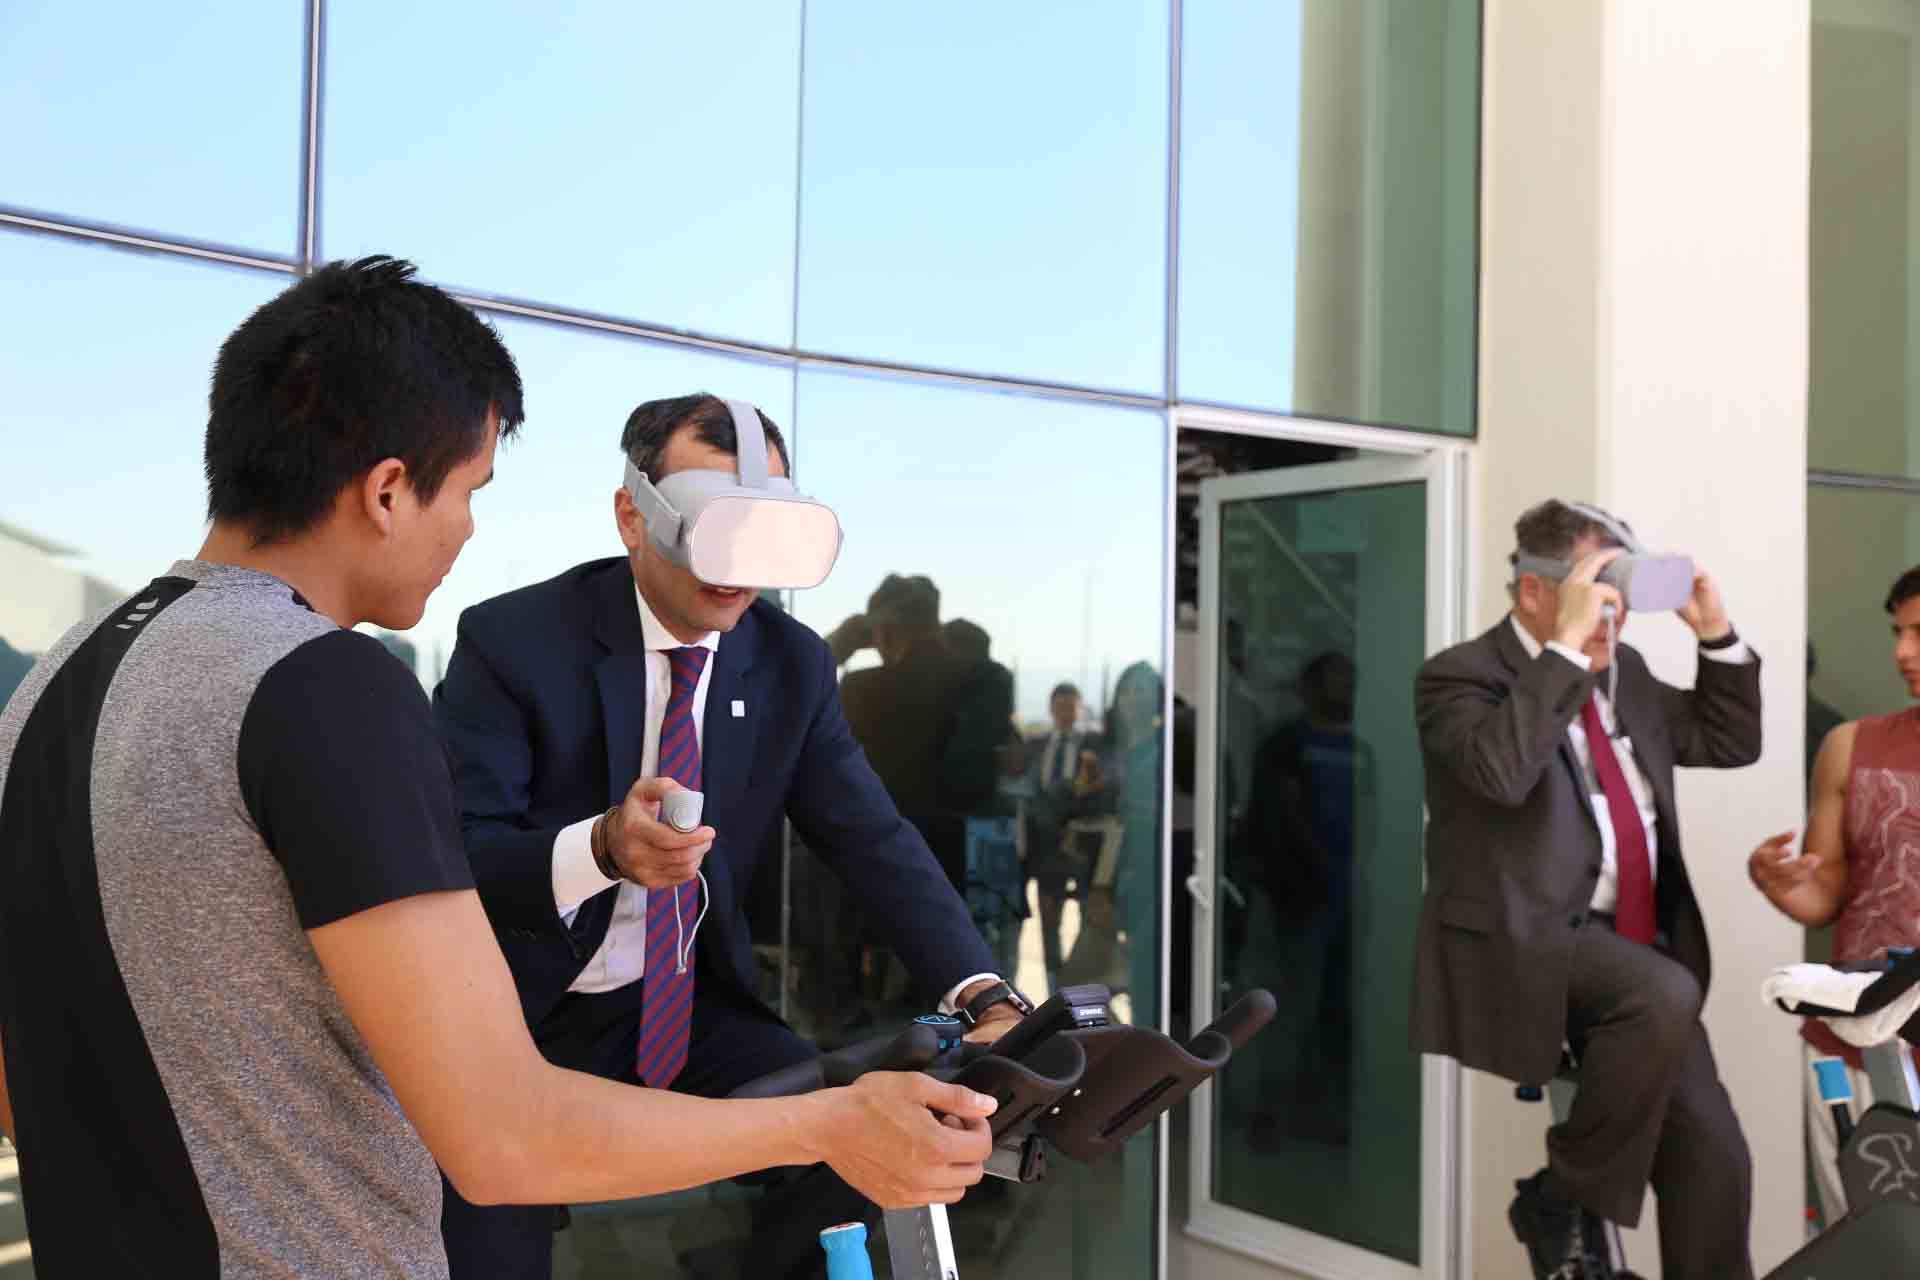 Vicerrector Ejecutivo de la UdeG, doctor Carlos Iván Moreno Arellano y Secretario de Innovación, Ciencia y Tecnología de Jalisco, doctor Alfonso Pompa Padilla; probando las bicicletas con lentes de realidad virtual, durante acto inagural.